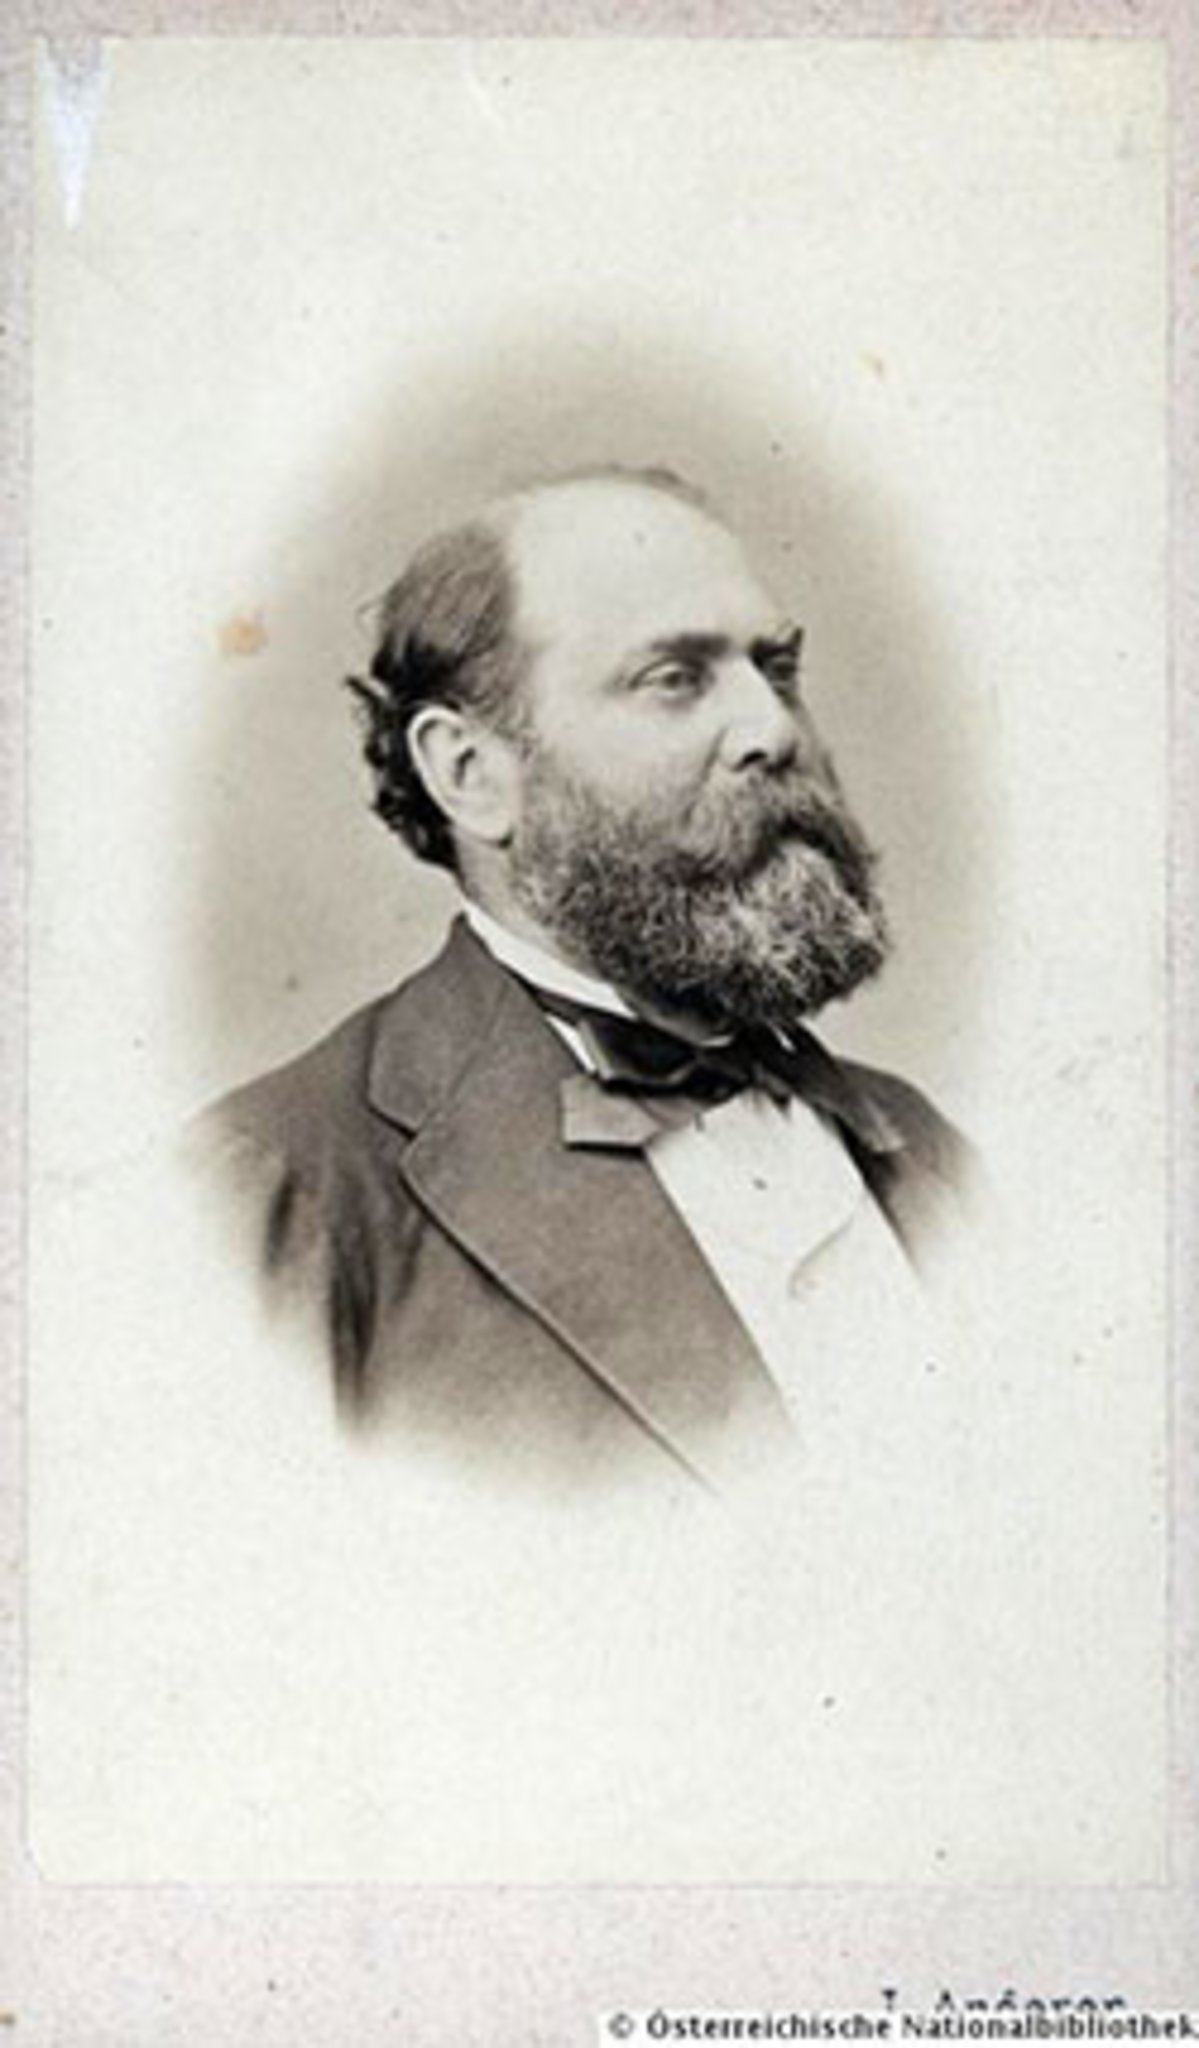 Leopold Wittelshöfer